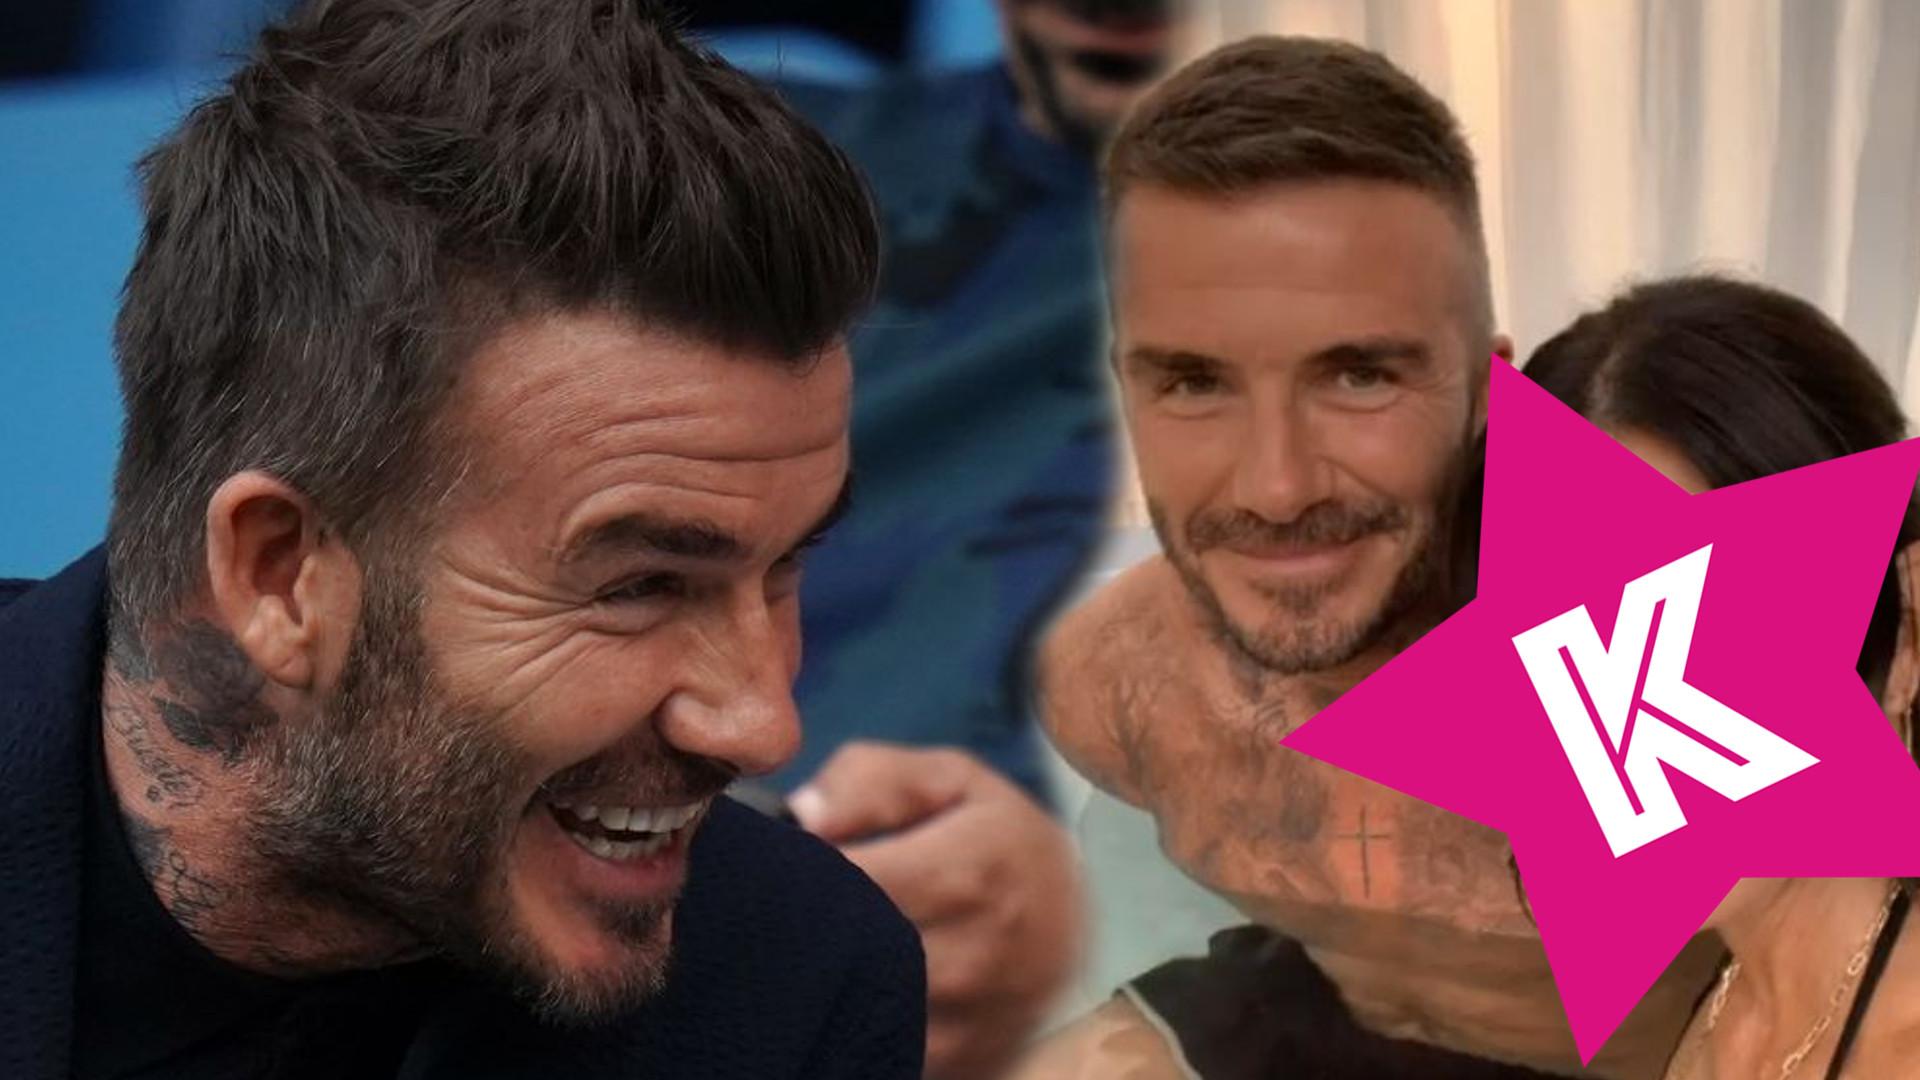 David Beckham ZDRADZA Victorię? Piłkarz siedzi w jacuzzi z TĄ aktorką!